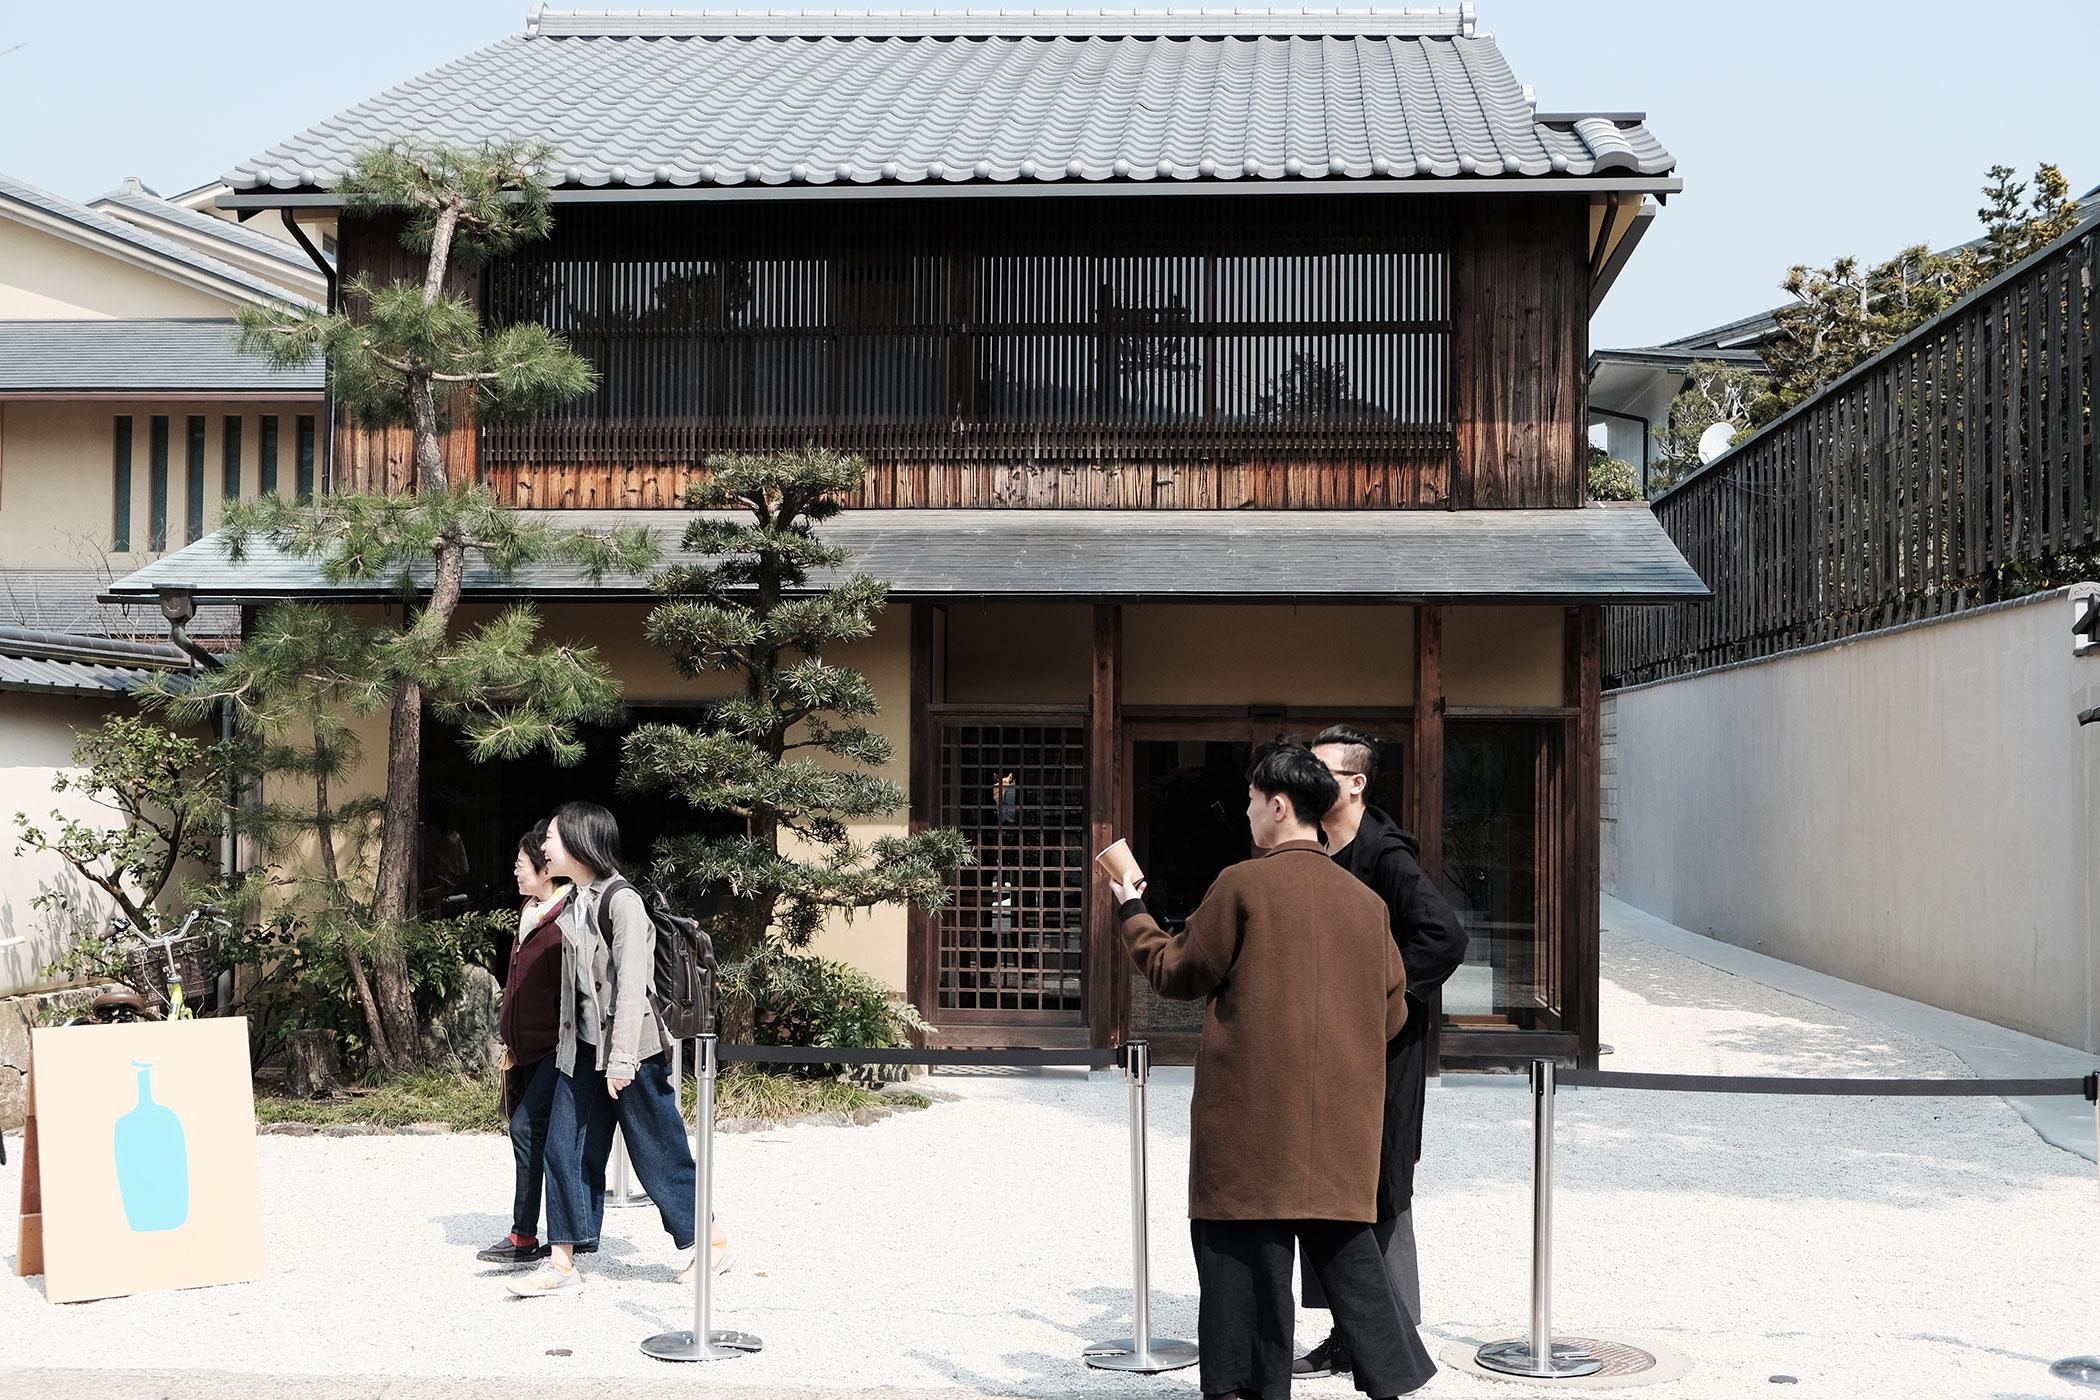 待望の初出店!ブルーボトルコーヒーの関西第一号は京都の南禅寺に ブルーボトルコーヒー 京都カフェ (BLUE BOTTLE COFFEE KYOTO) 外観1